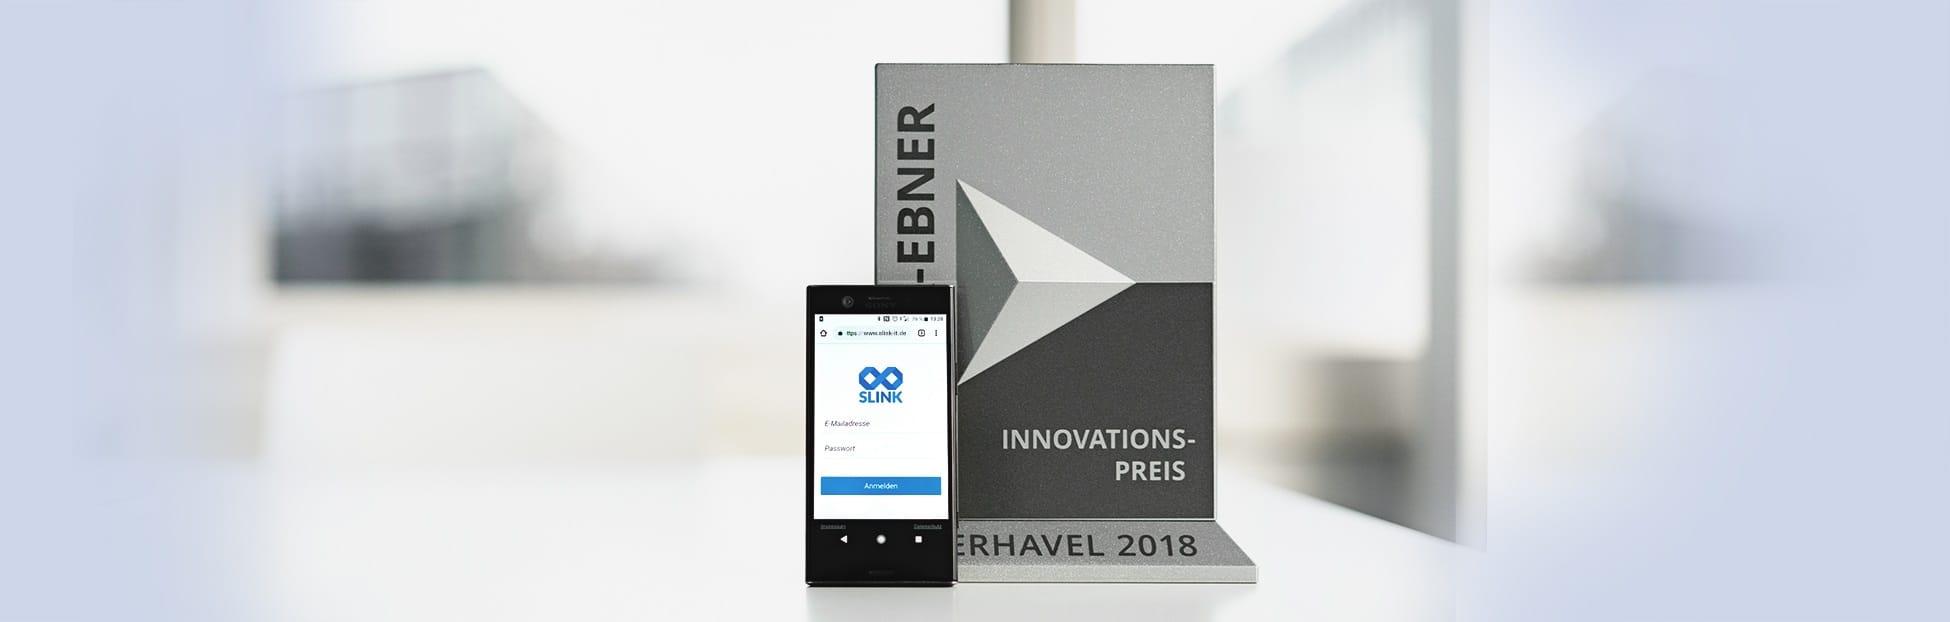 Slink - ausgezeichnet mit dem Lothar Ebner Innovationspreis